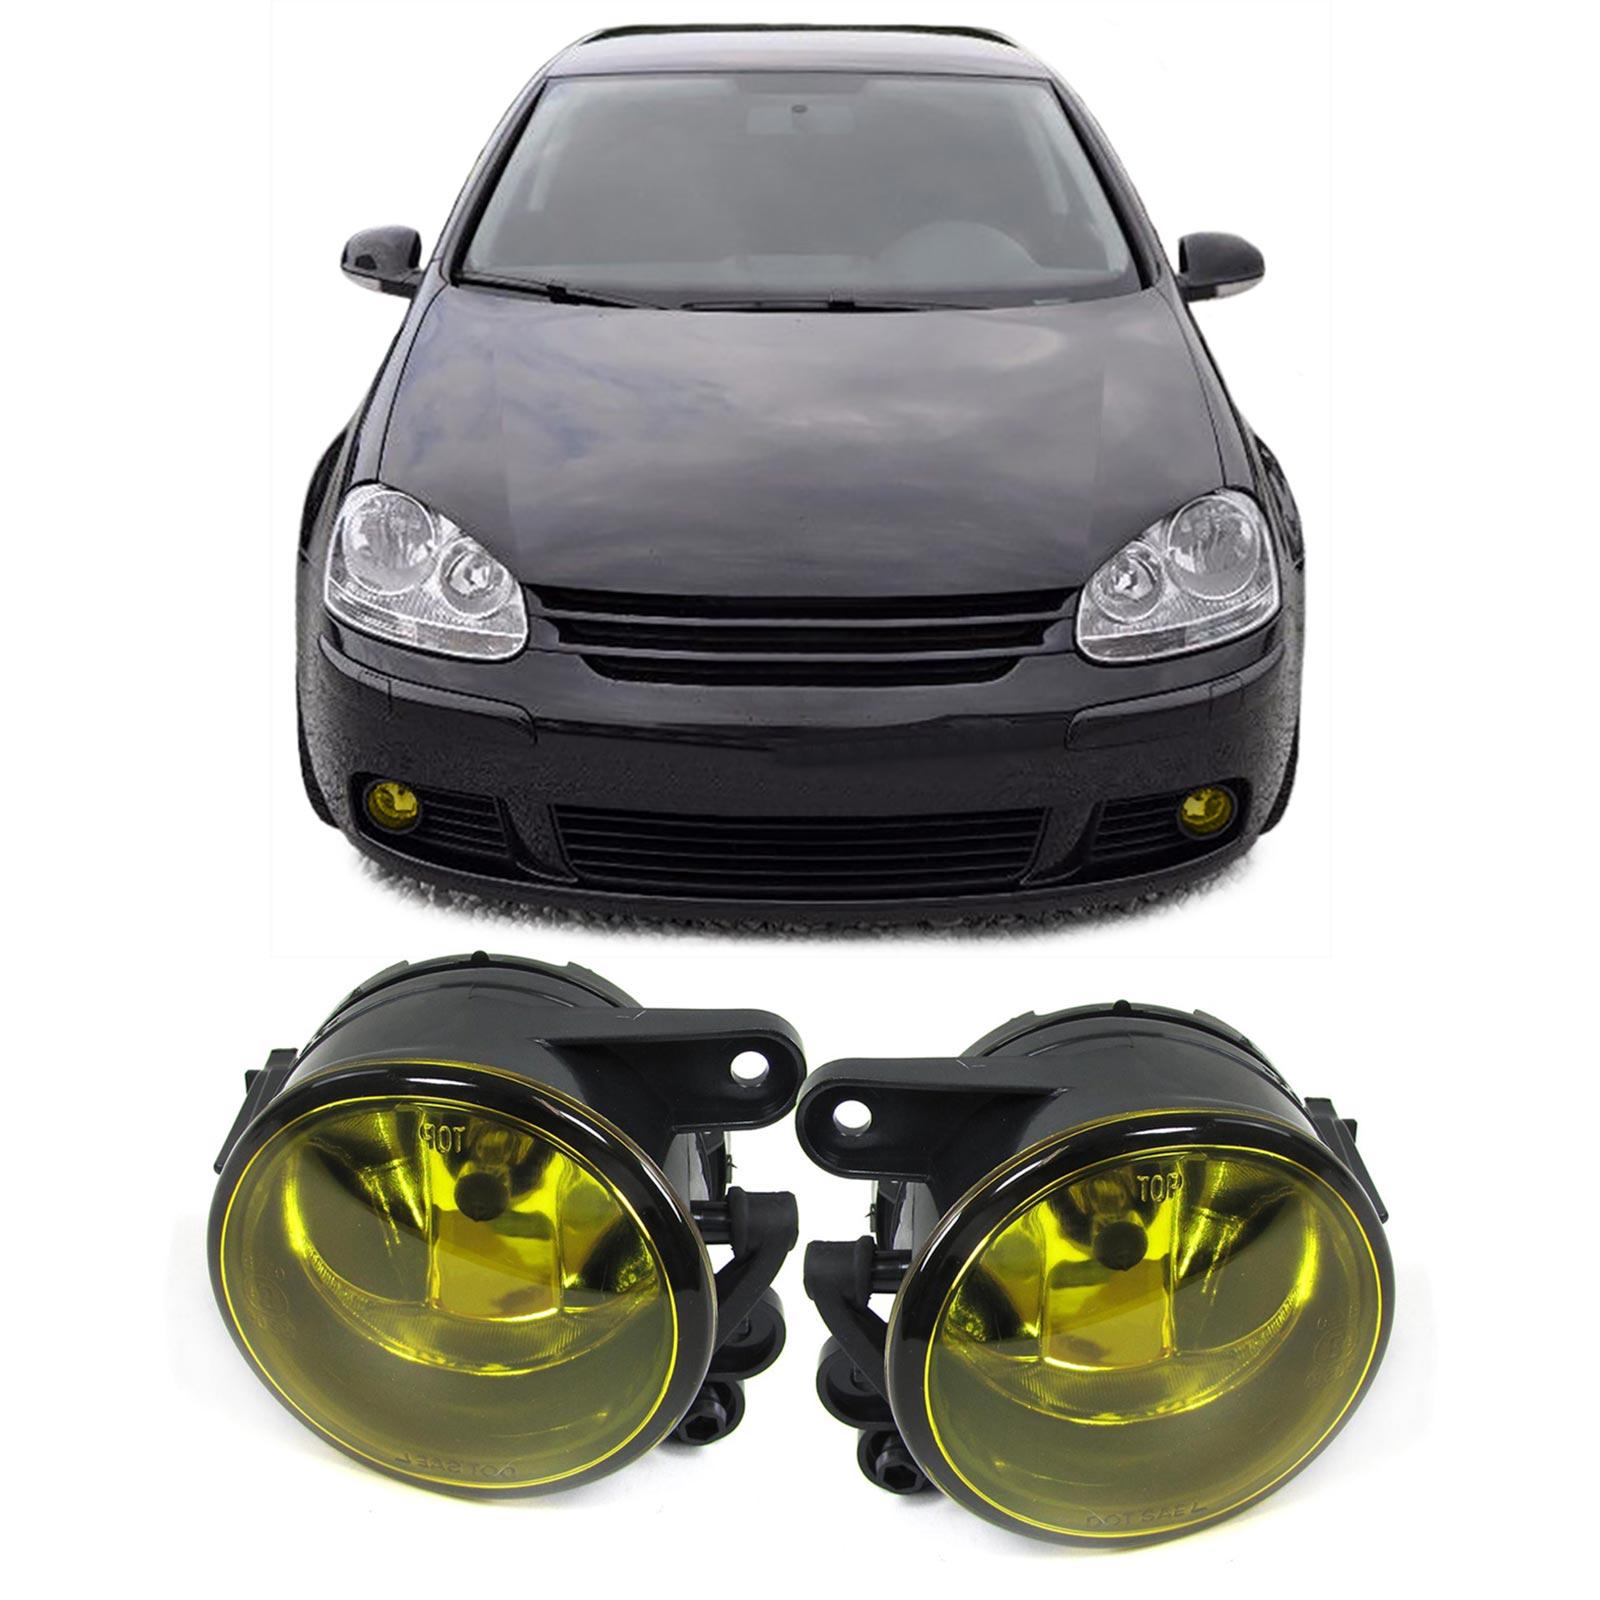 klarglas nebelscheinwerfer hb4 gelb paar f r vw golf v 5. Black Bedroom Furniture Sets. Home Design Ideas